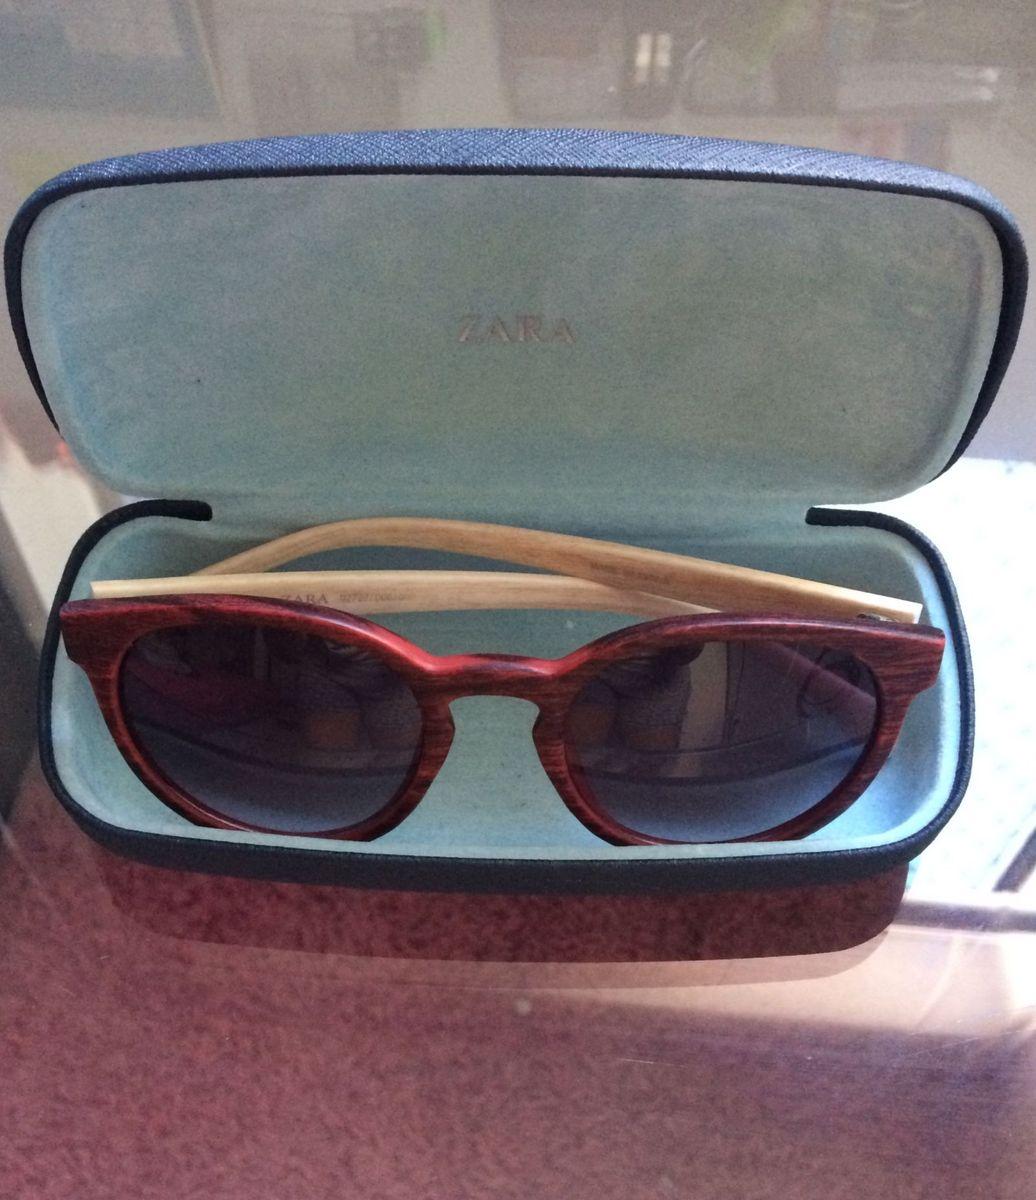 óculos de sol zara - óculos zara.  Czm6ly9wag90b3muzw5qb2vplmnvbs5ici9wcm9kdwn0cy81njm0mjcylzexzdu0otmwyjk5ztzimge1y2zmy2fjmznhngy4ztq5lmpwzw  ... bcfd44a6b8